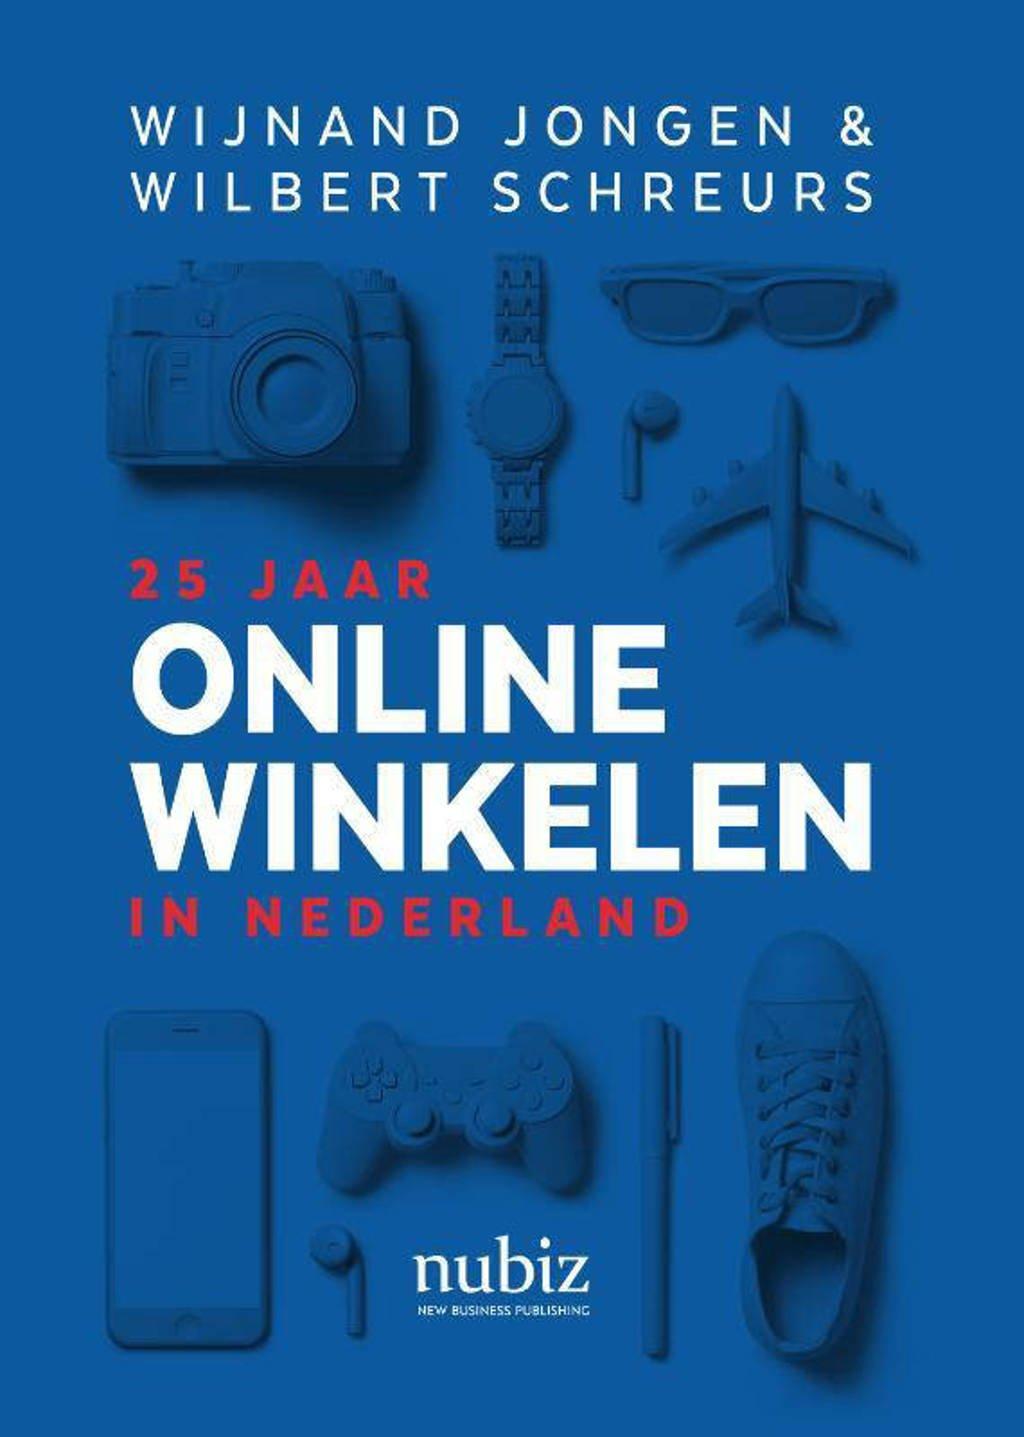 25 jaar online winkelen in Nederland - Wijnand Jongen en Wilbert Schreurs